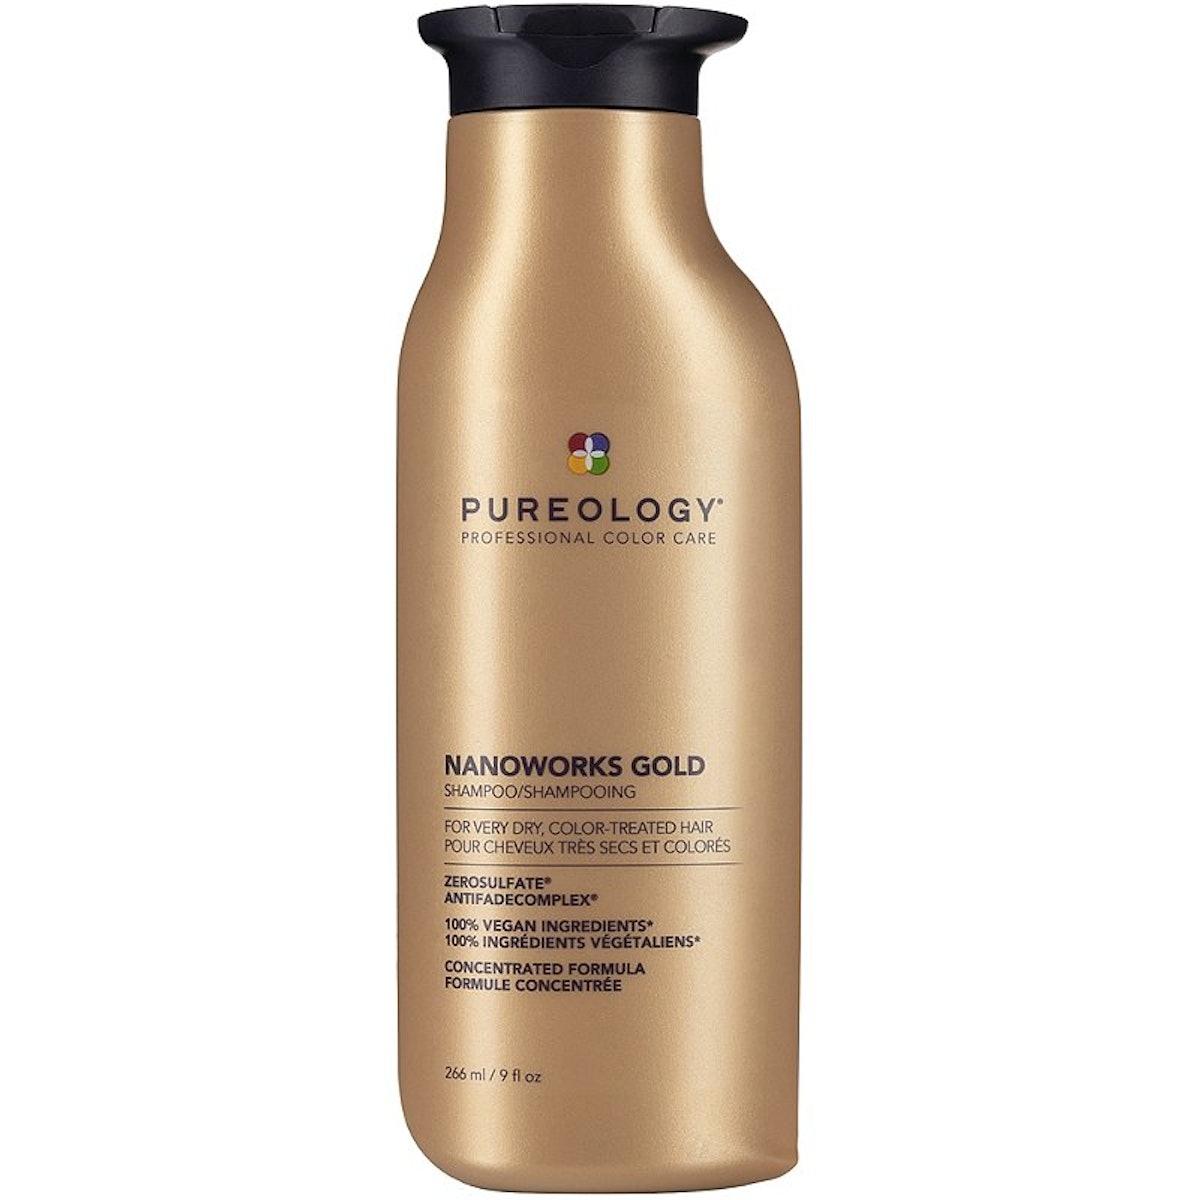 Pureology Nanoworks Gold Shampoo